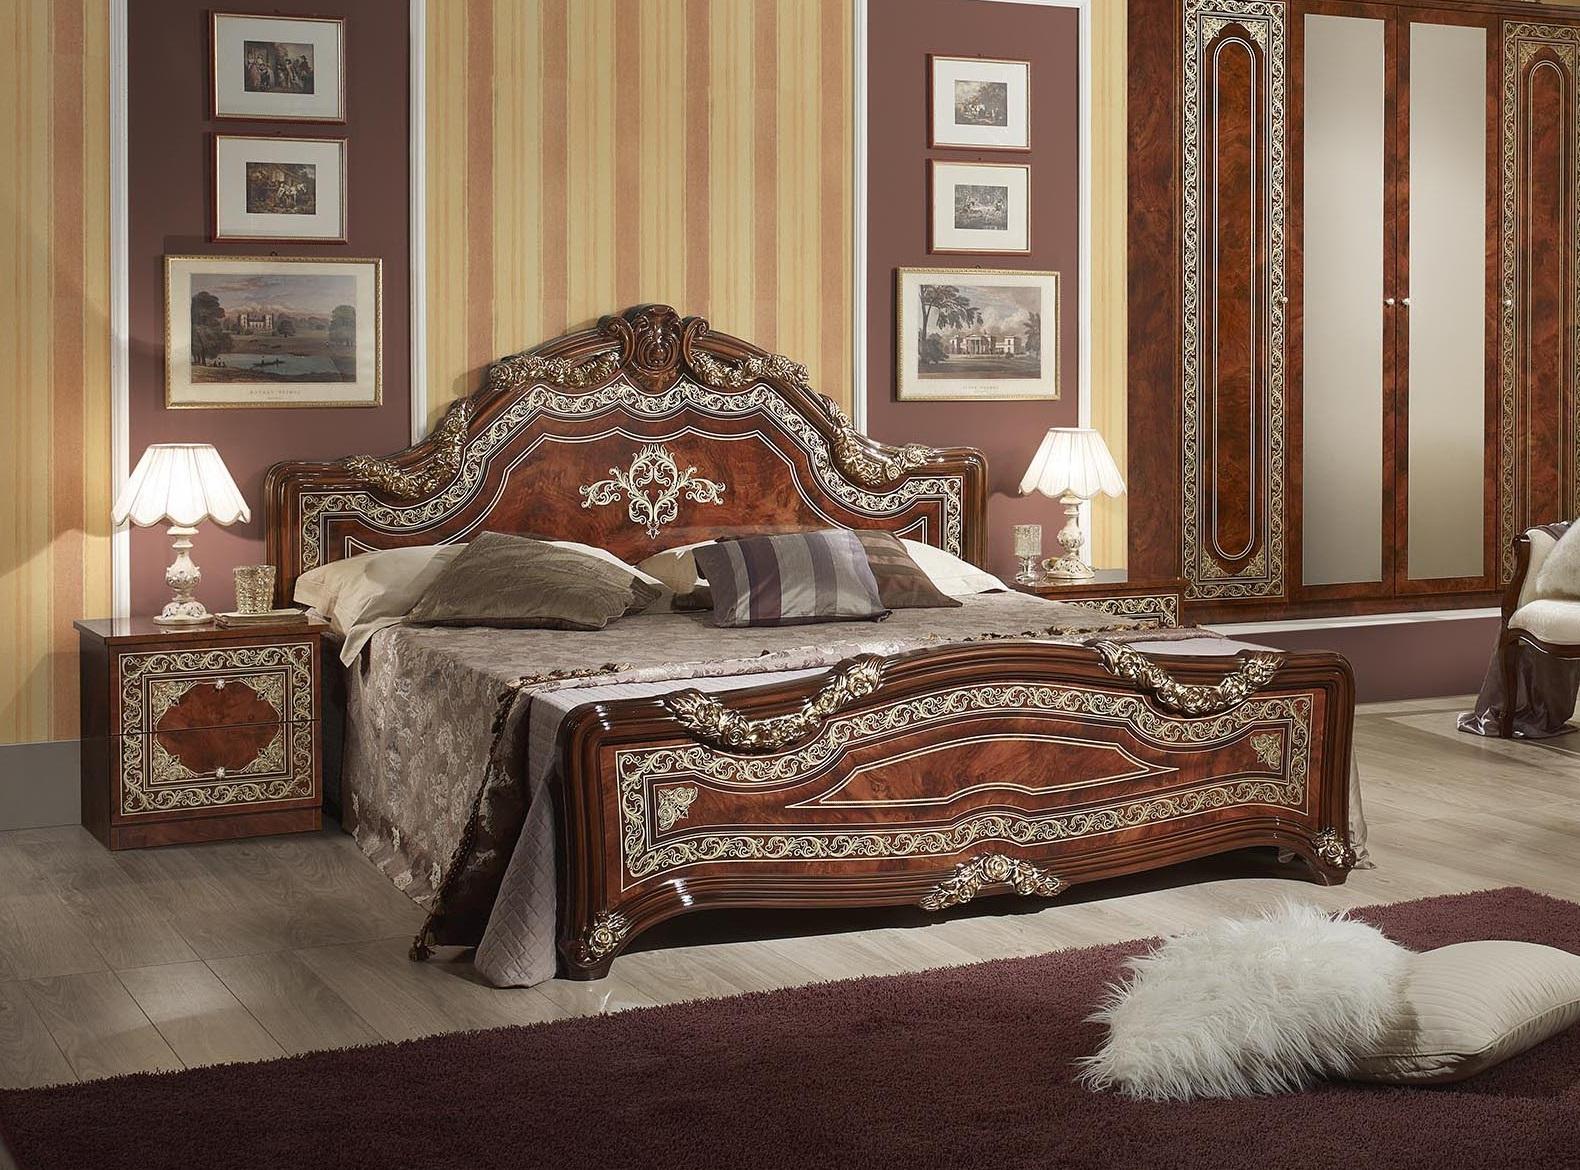 Schlafzimmer Set Elena in Walnuss Klassisch Design 180x200 cm / mit Schrank  4 türig / ohne Kommode und Spiegel / ohne Lattenrost